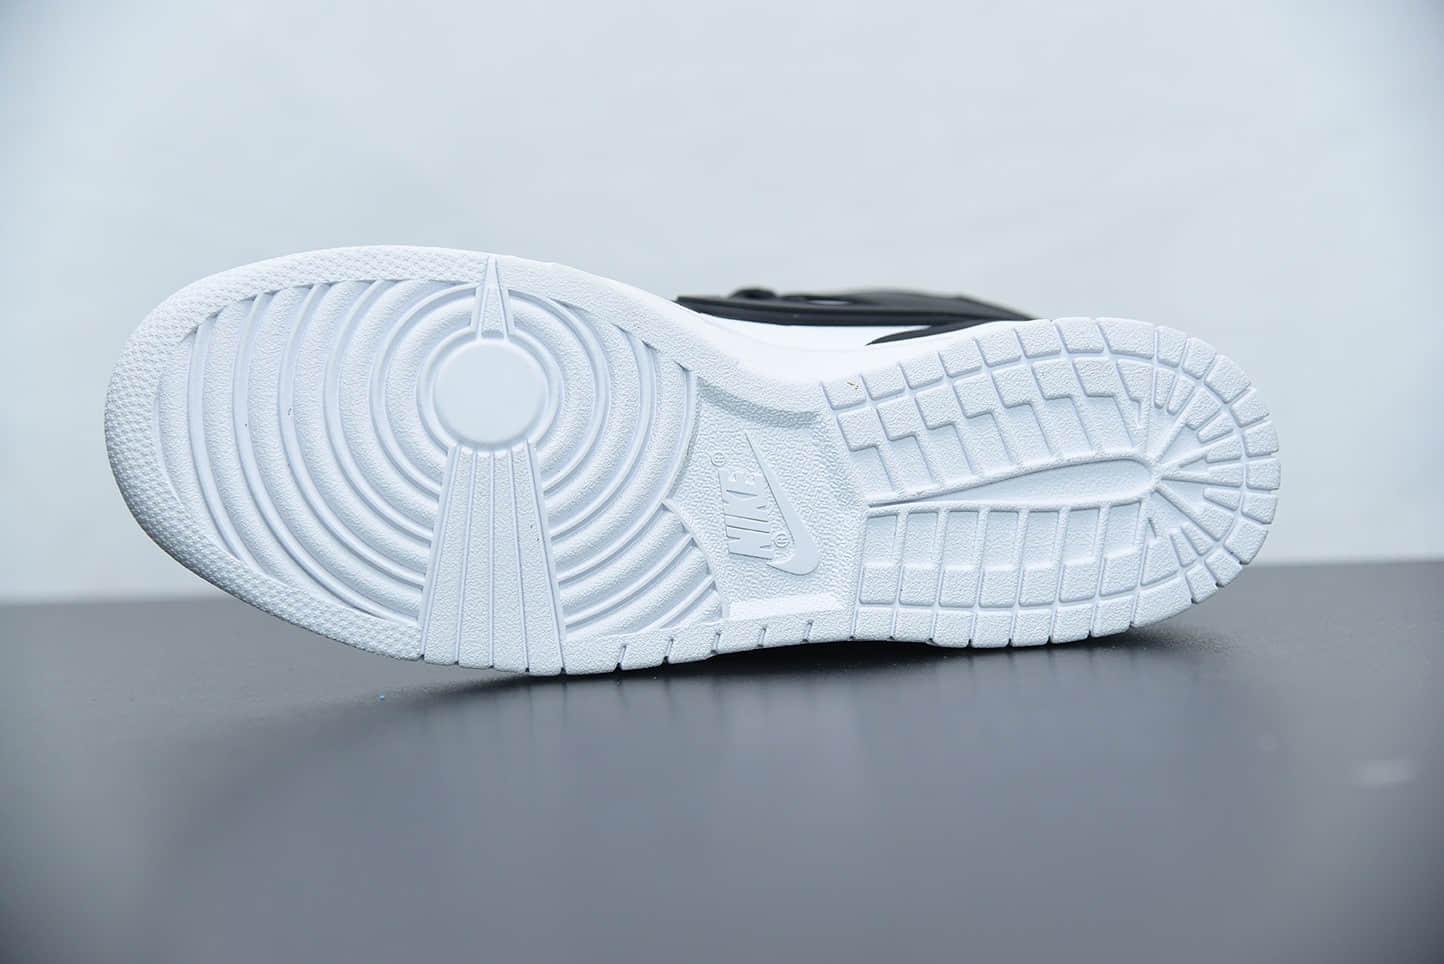 耐克AMBUSH x SB Dunk High 黑白大勾吴亦凡同款高帮滑板鞋纯原版本 货号:CU7544-001